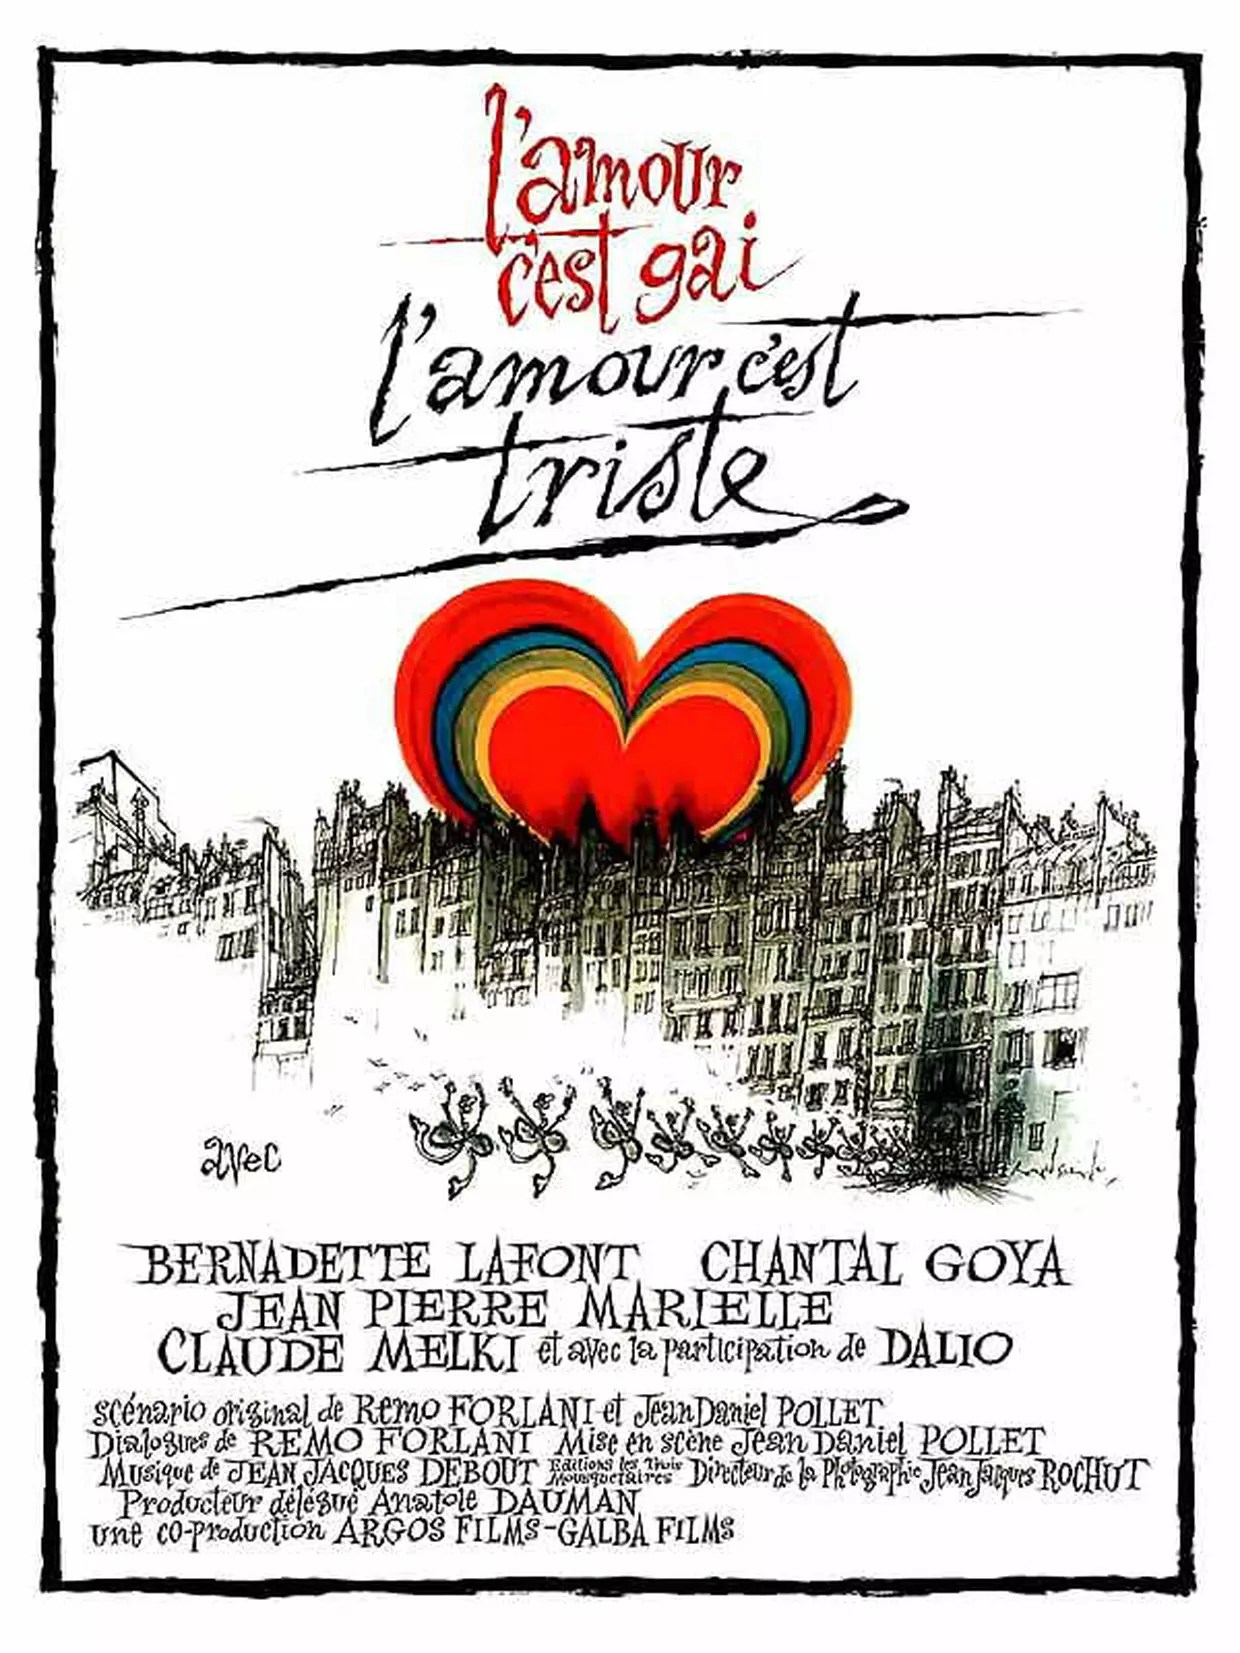 L'amour Debout Bande Annonce : l'amour, debout, bande, annonce, L'amour, C'est, Triste, Bande, Annonce, Film,, Séances,, Streaming,, Sortie,